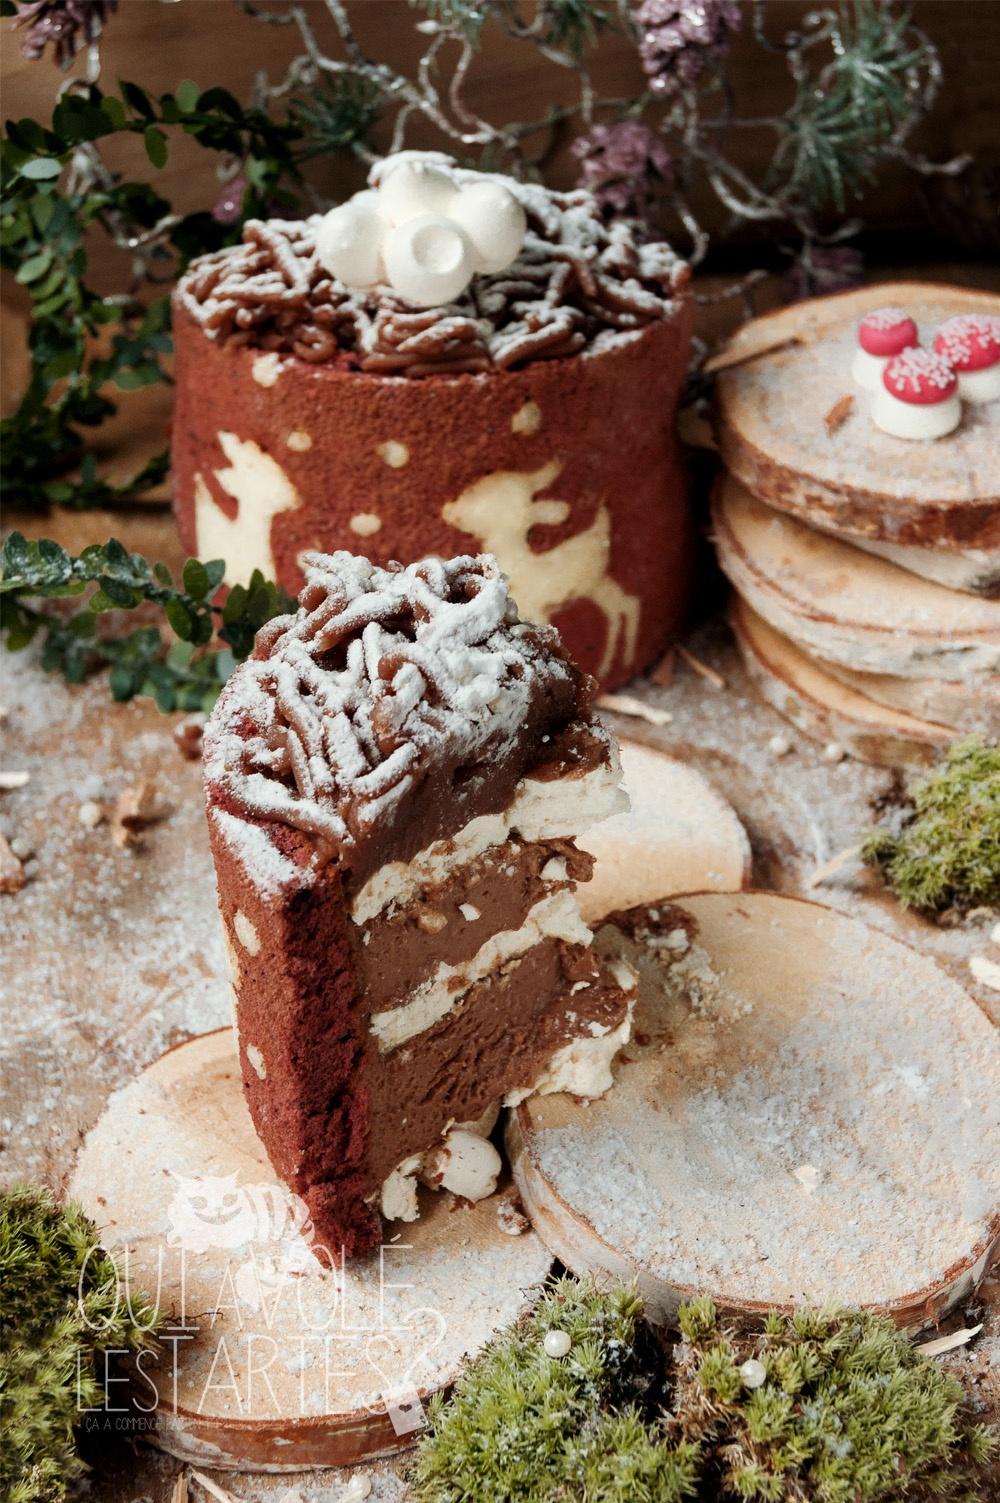 Mont-Blanc Noël sans gluten 4 - Studio 2 création - Qui a volé les tartes